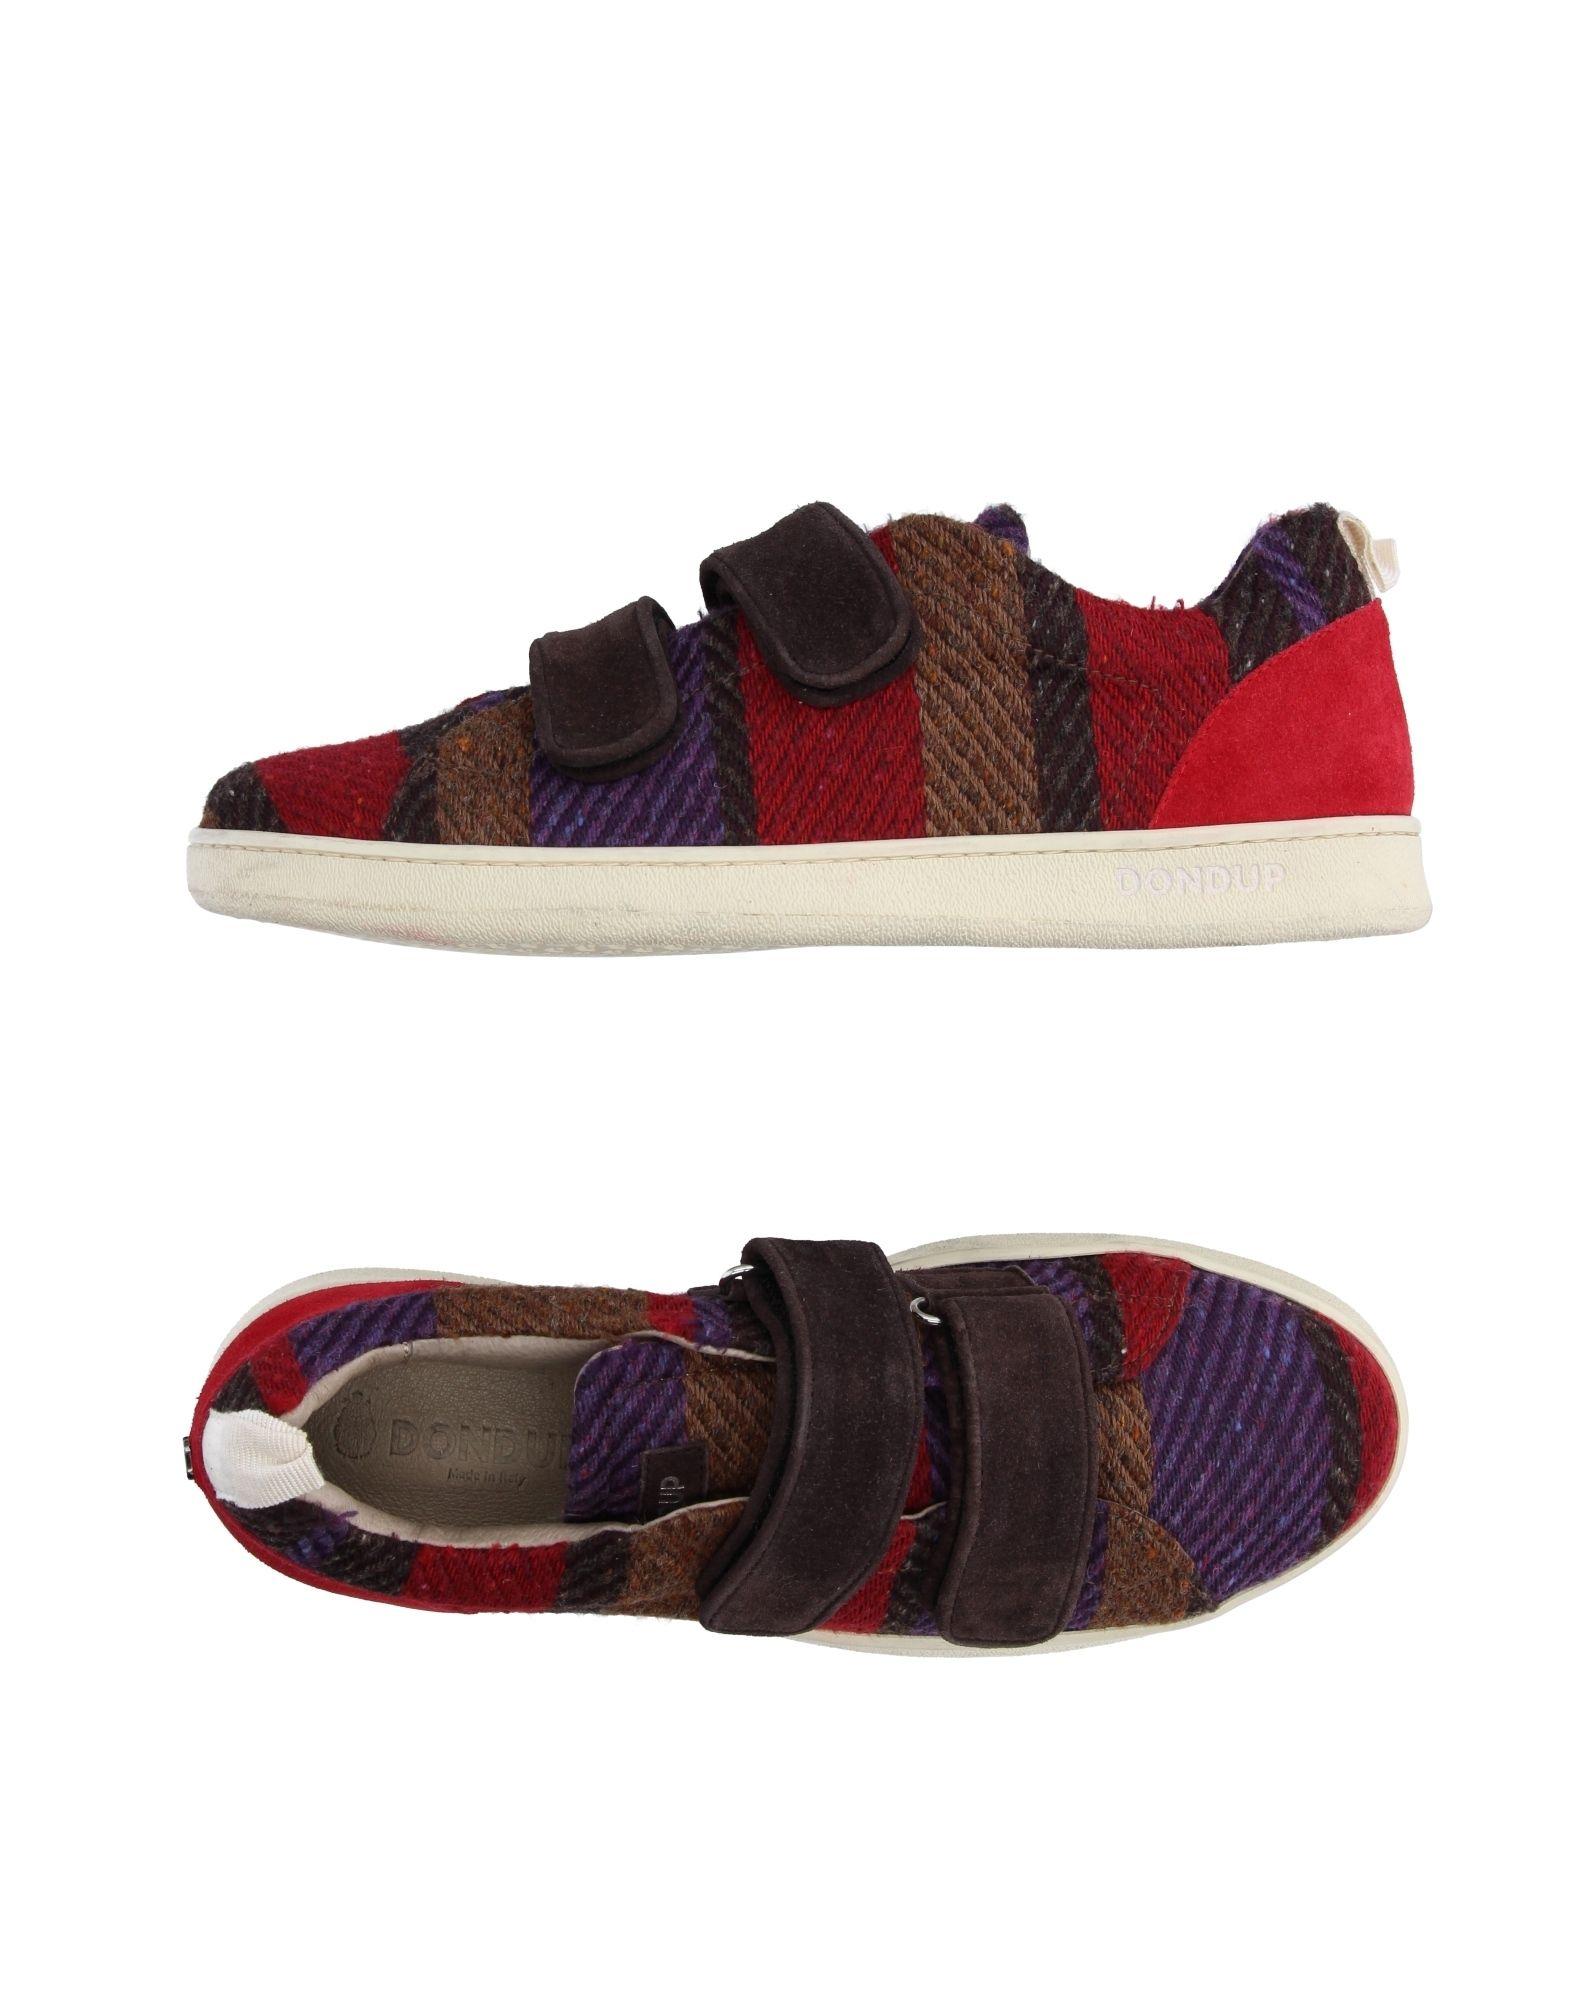 Rabatt echte Schuhe Dondup Sneakers Herren  11215830XO